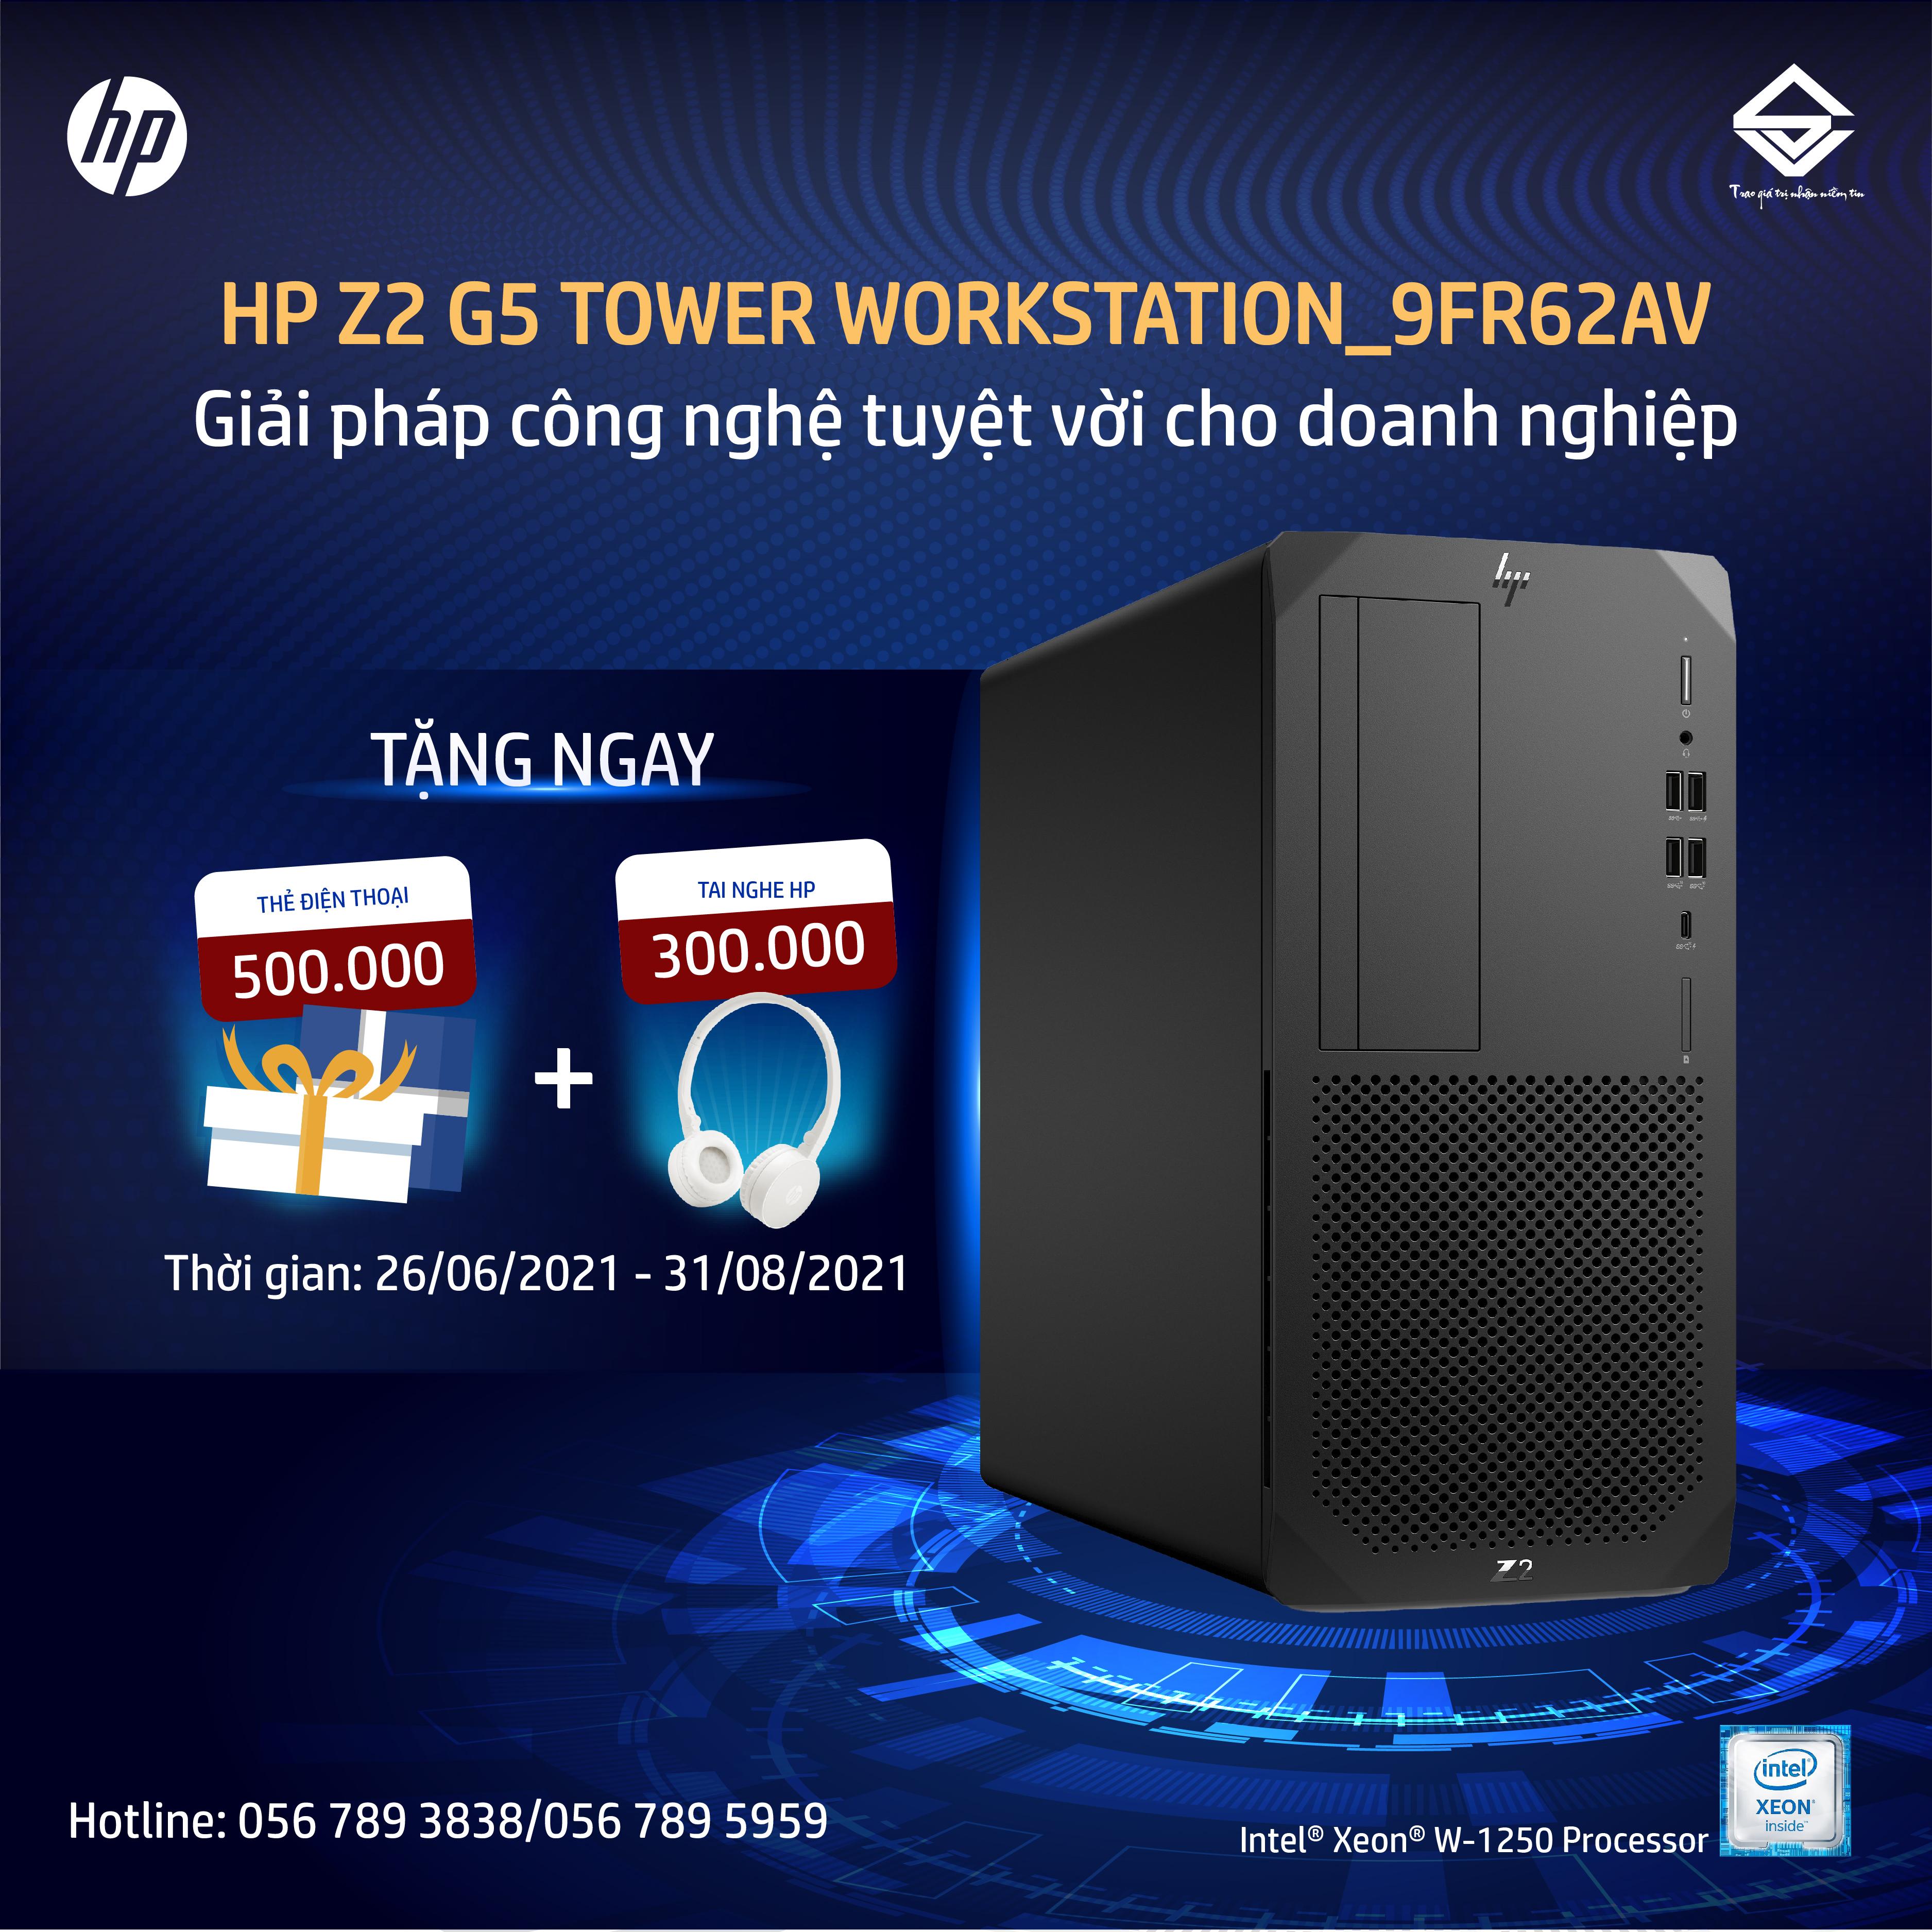 Máy tính trạm HP Z2 G5 Tower Workstation_9FR62AV